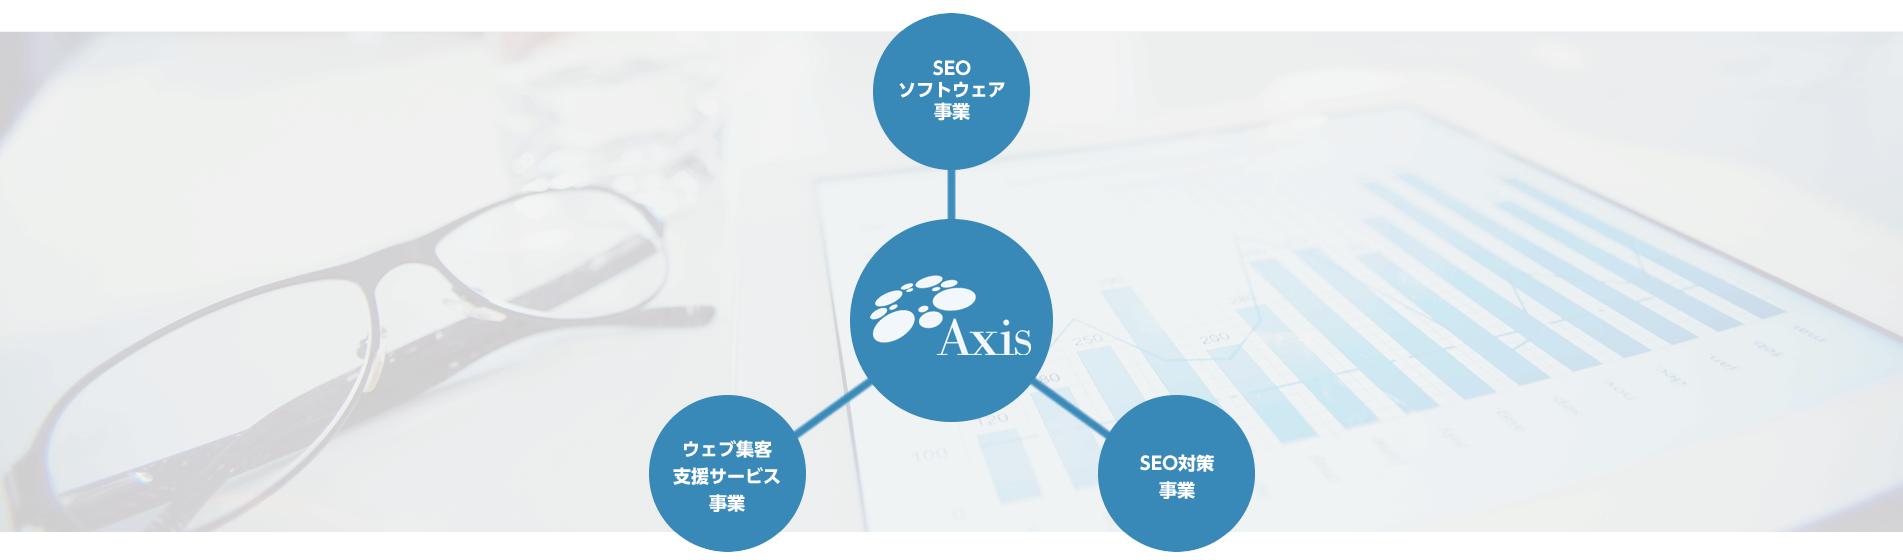 AxisのSEOサービス